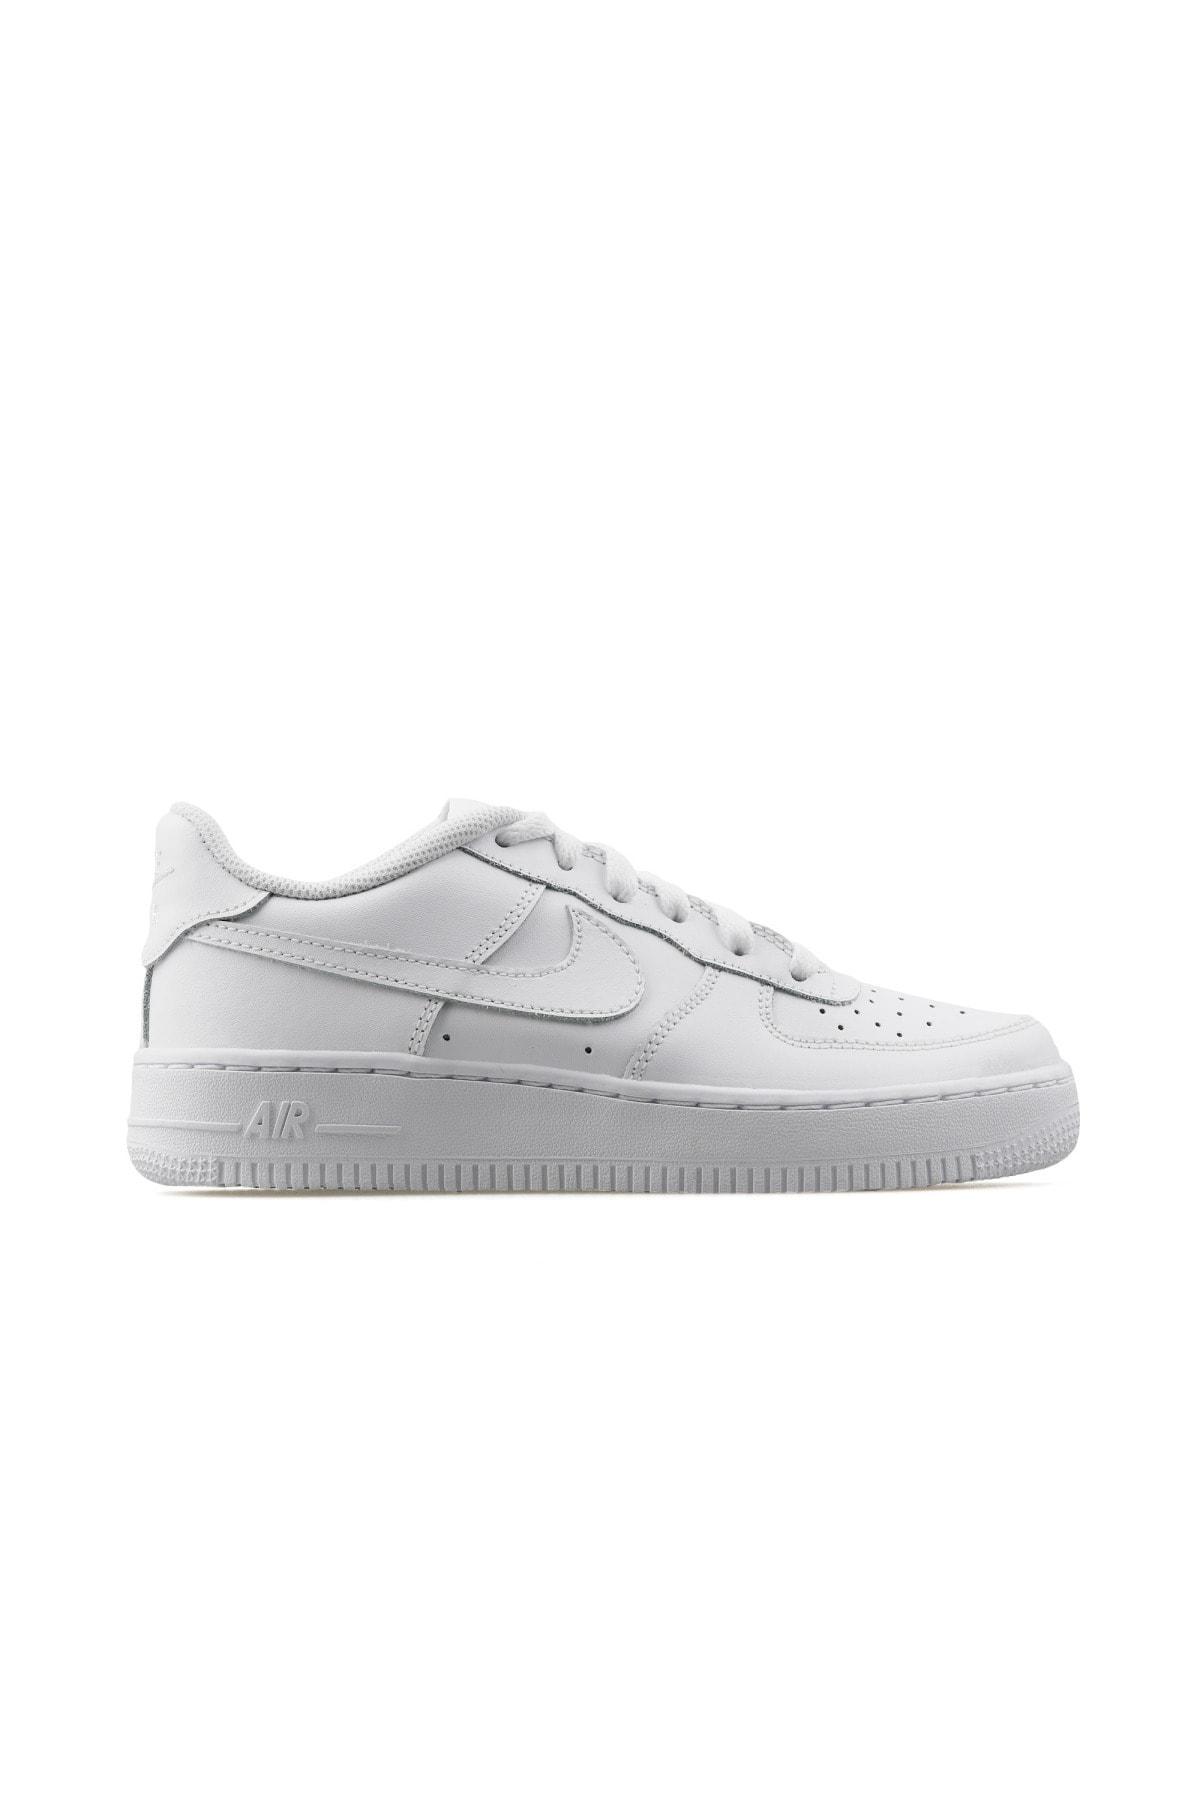 Nike Air Force Beyaz Spor Ayakkabı 2